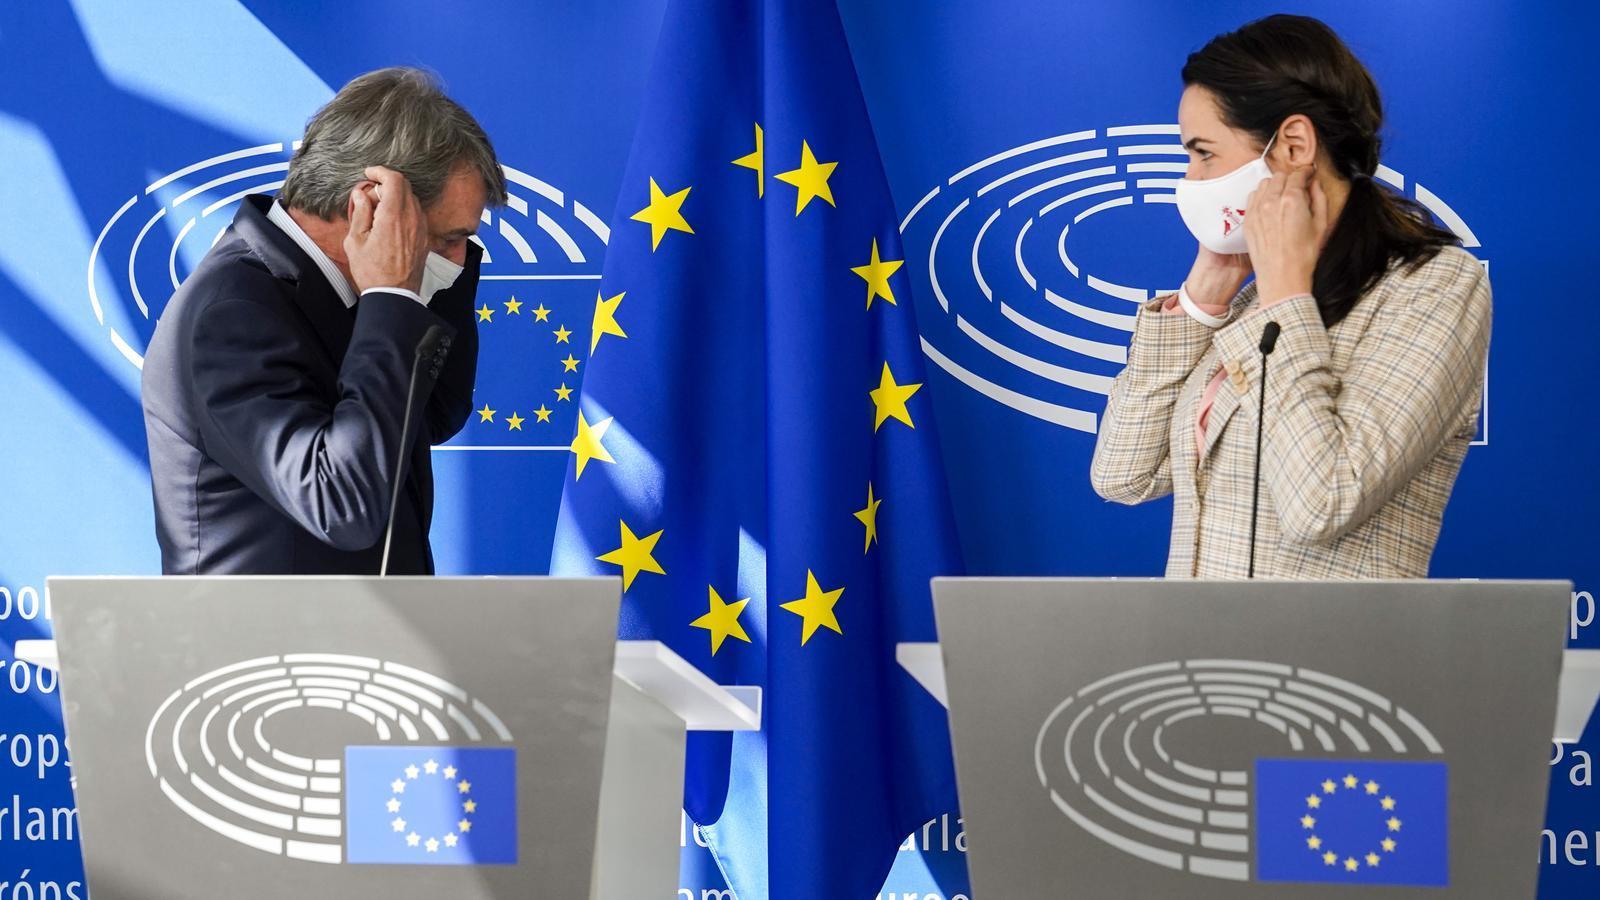 La líder opositora de Bielorússia, Svetlana Tikhanóvskaia,  amb el president del Parlament Europeu, David Sassoli.